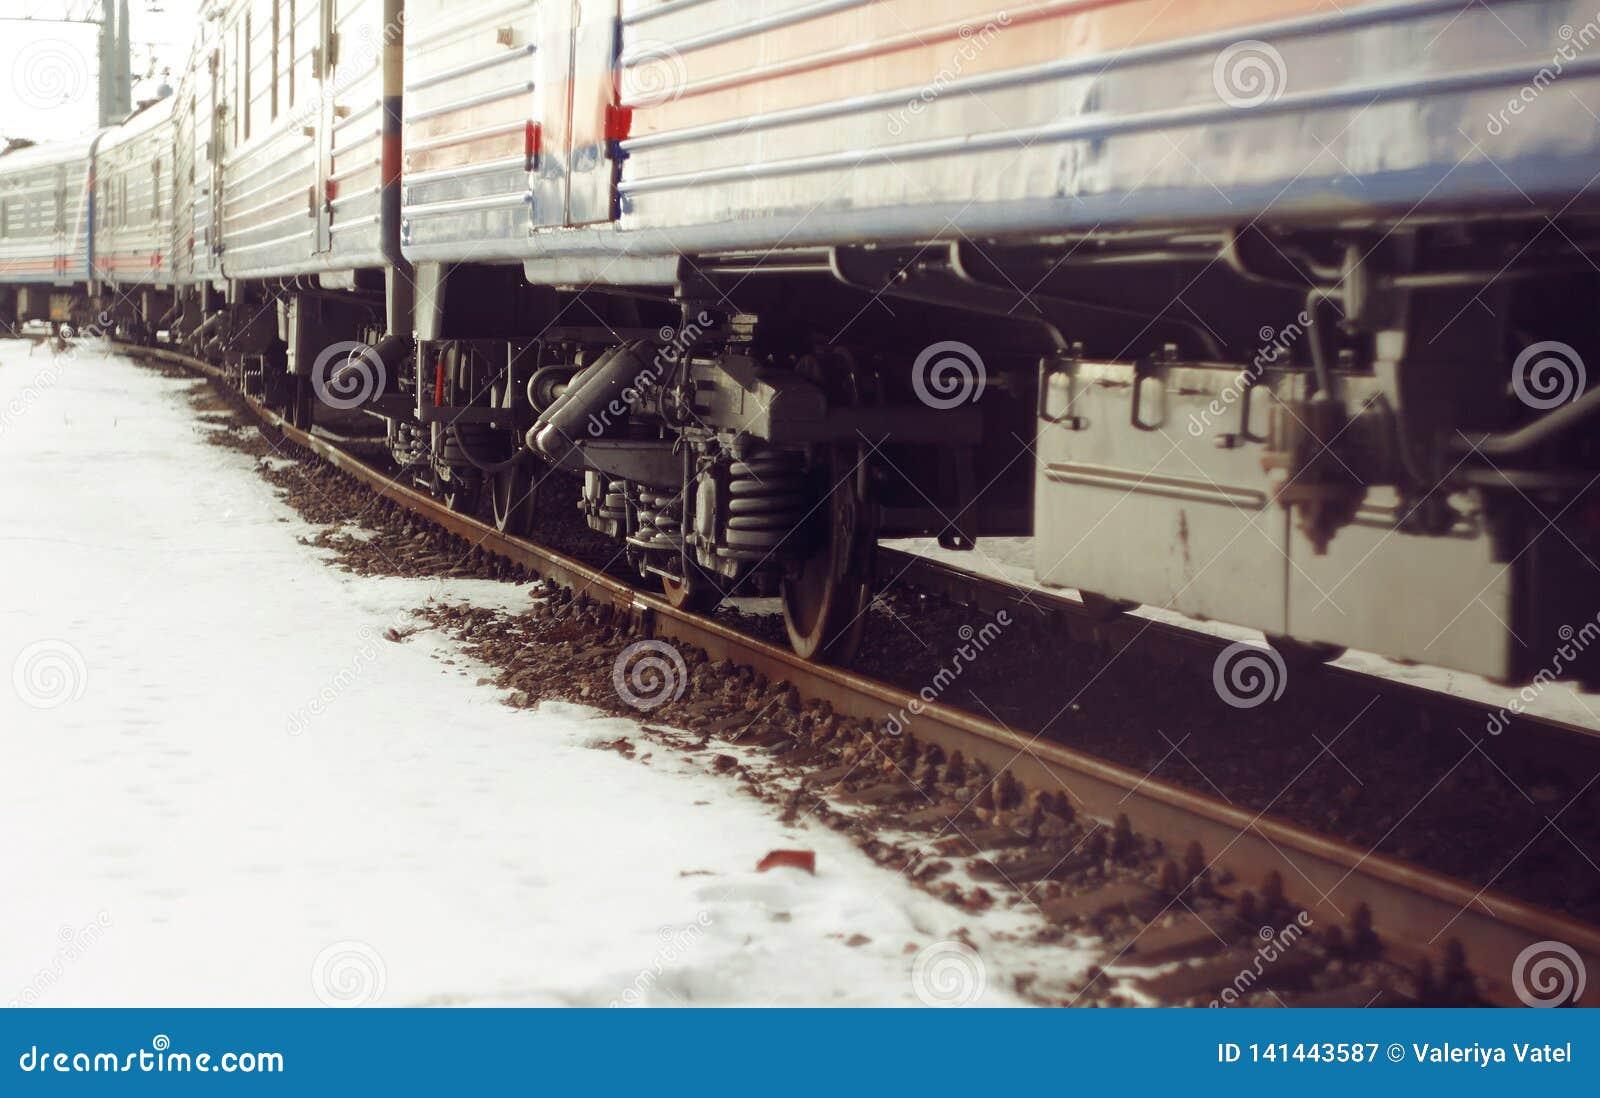 Τραίνο βαγονιών εμπορευμάτων, που στέκεται στις ράγες, οι οποίες καλύπτονται με τη σκουριά